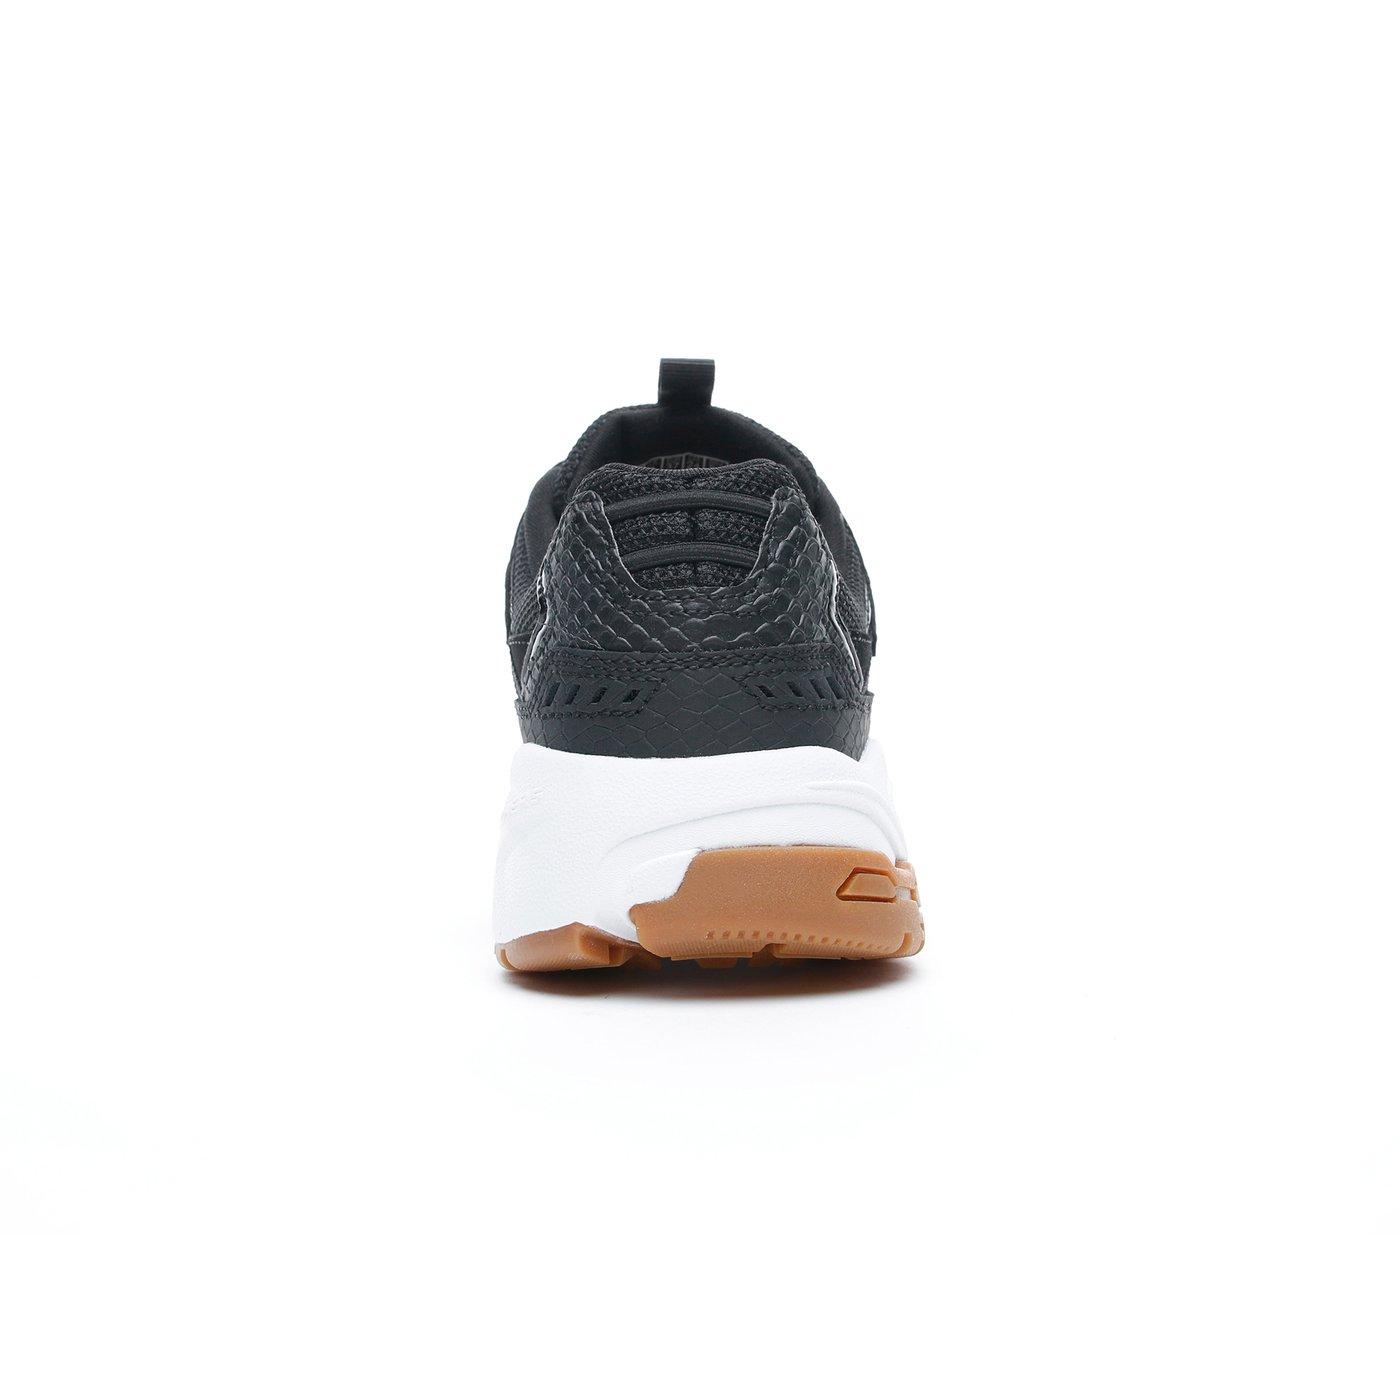 Skechers Stamina-Classy Trail Kadın Siyah Spor Ayakkabı